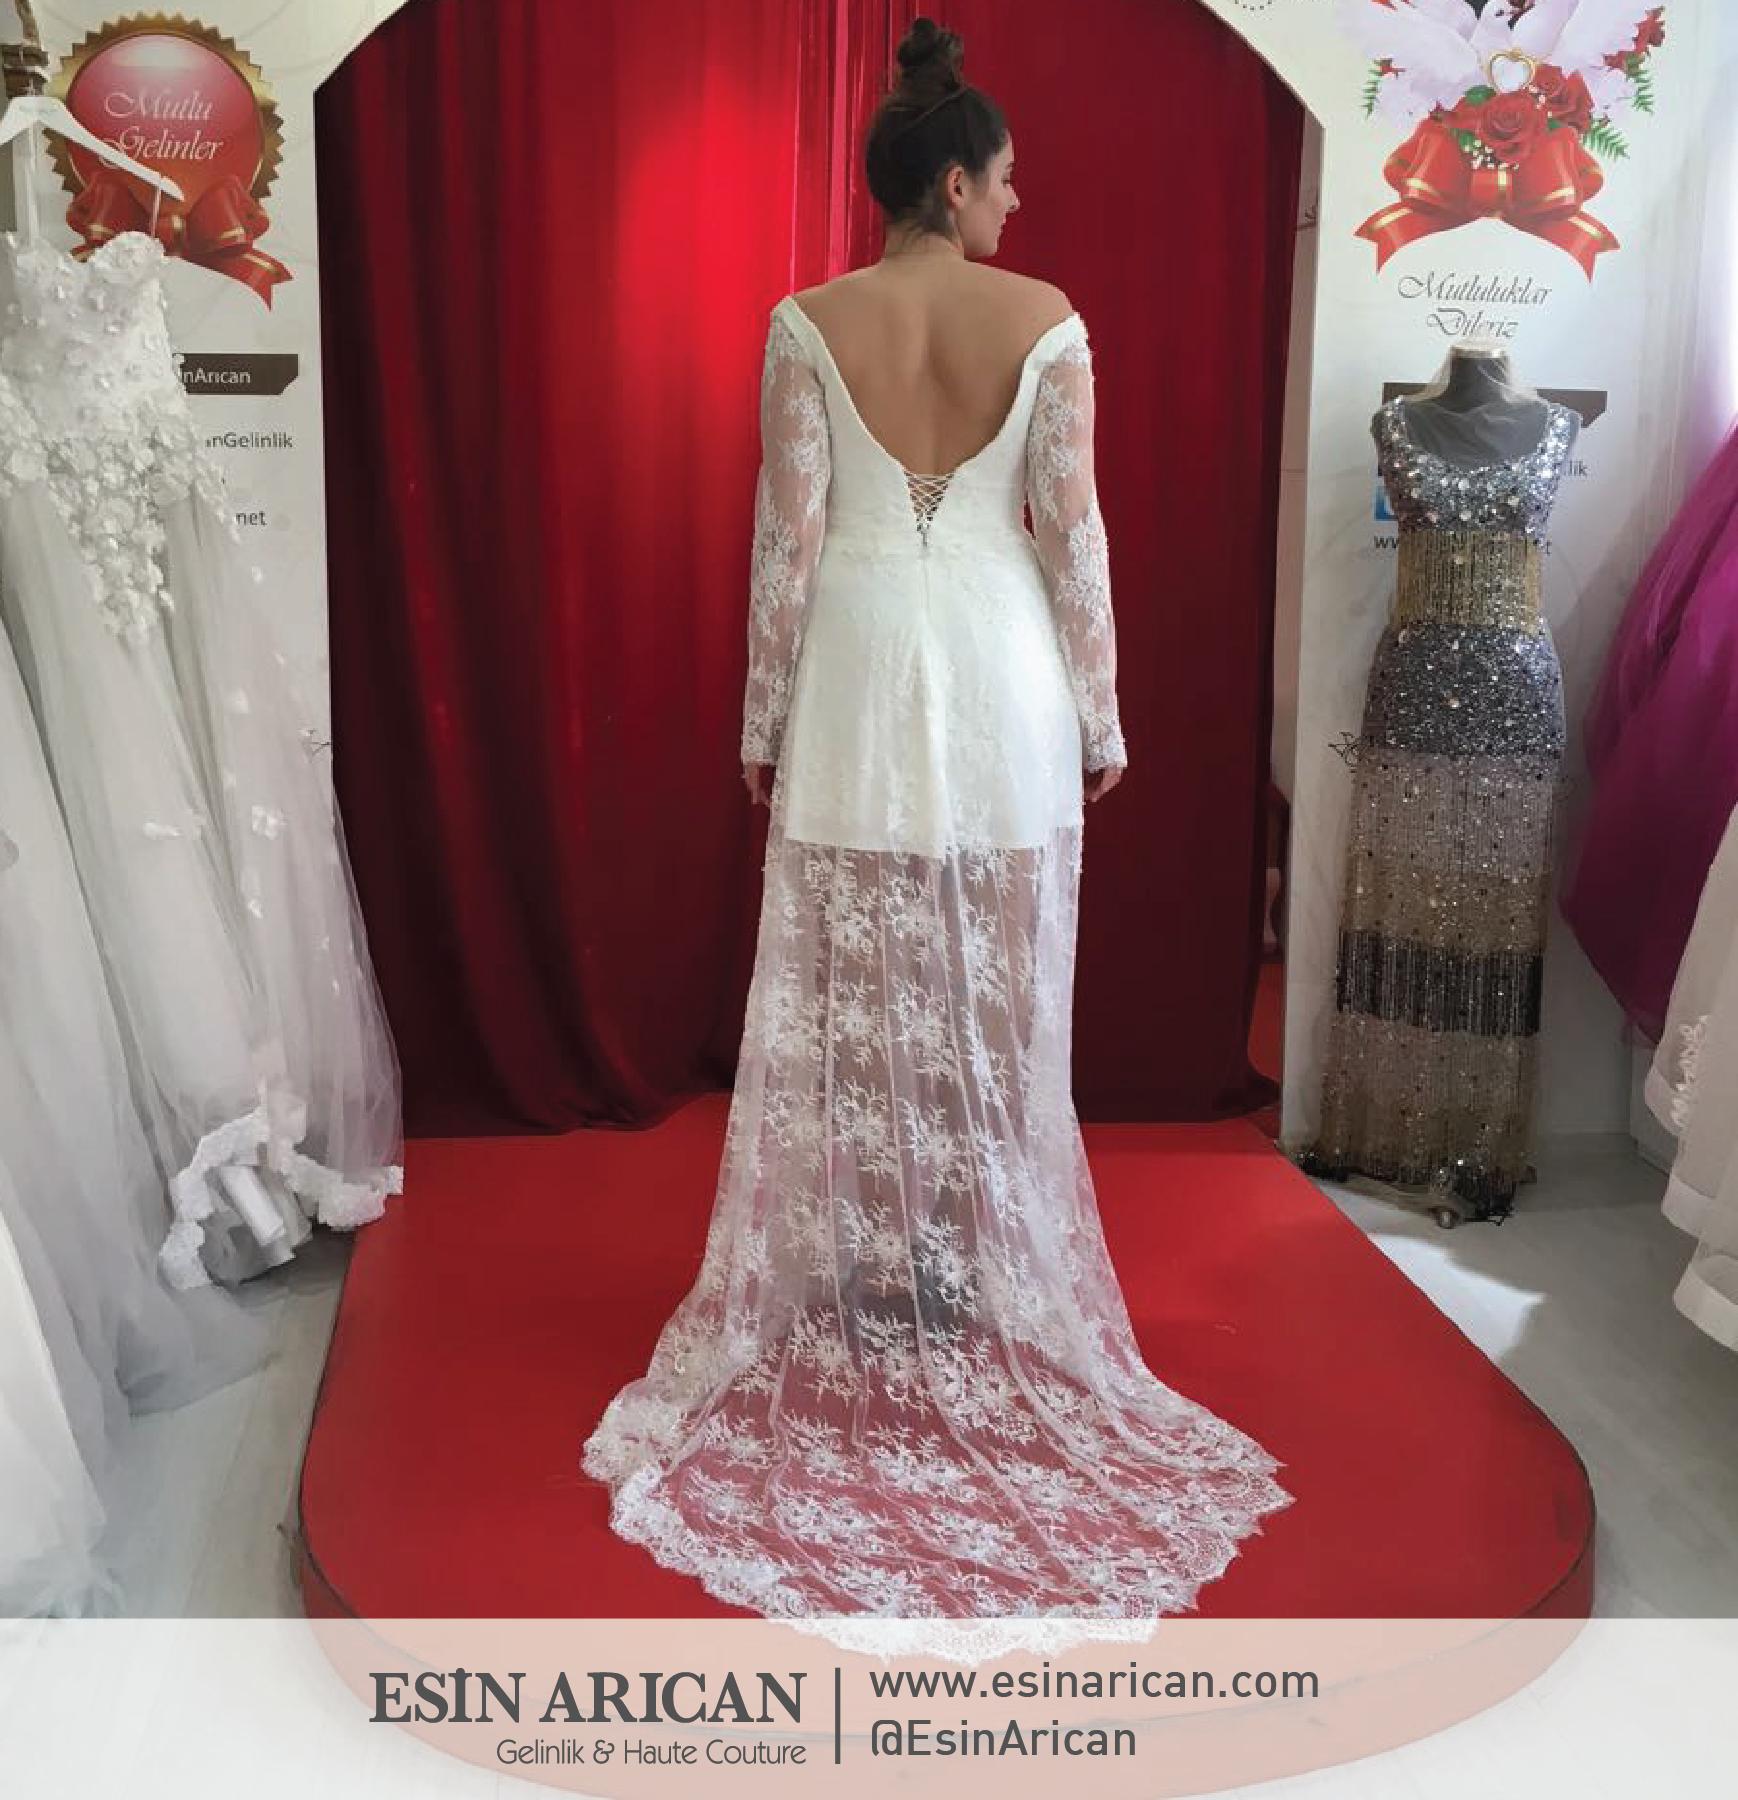 Abiye Dugun Nisan Wedding Ozelgun Gelin Bride Osmanbey Istanbul Gelinlik Gelin Dugun